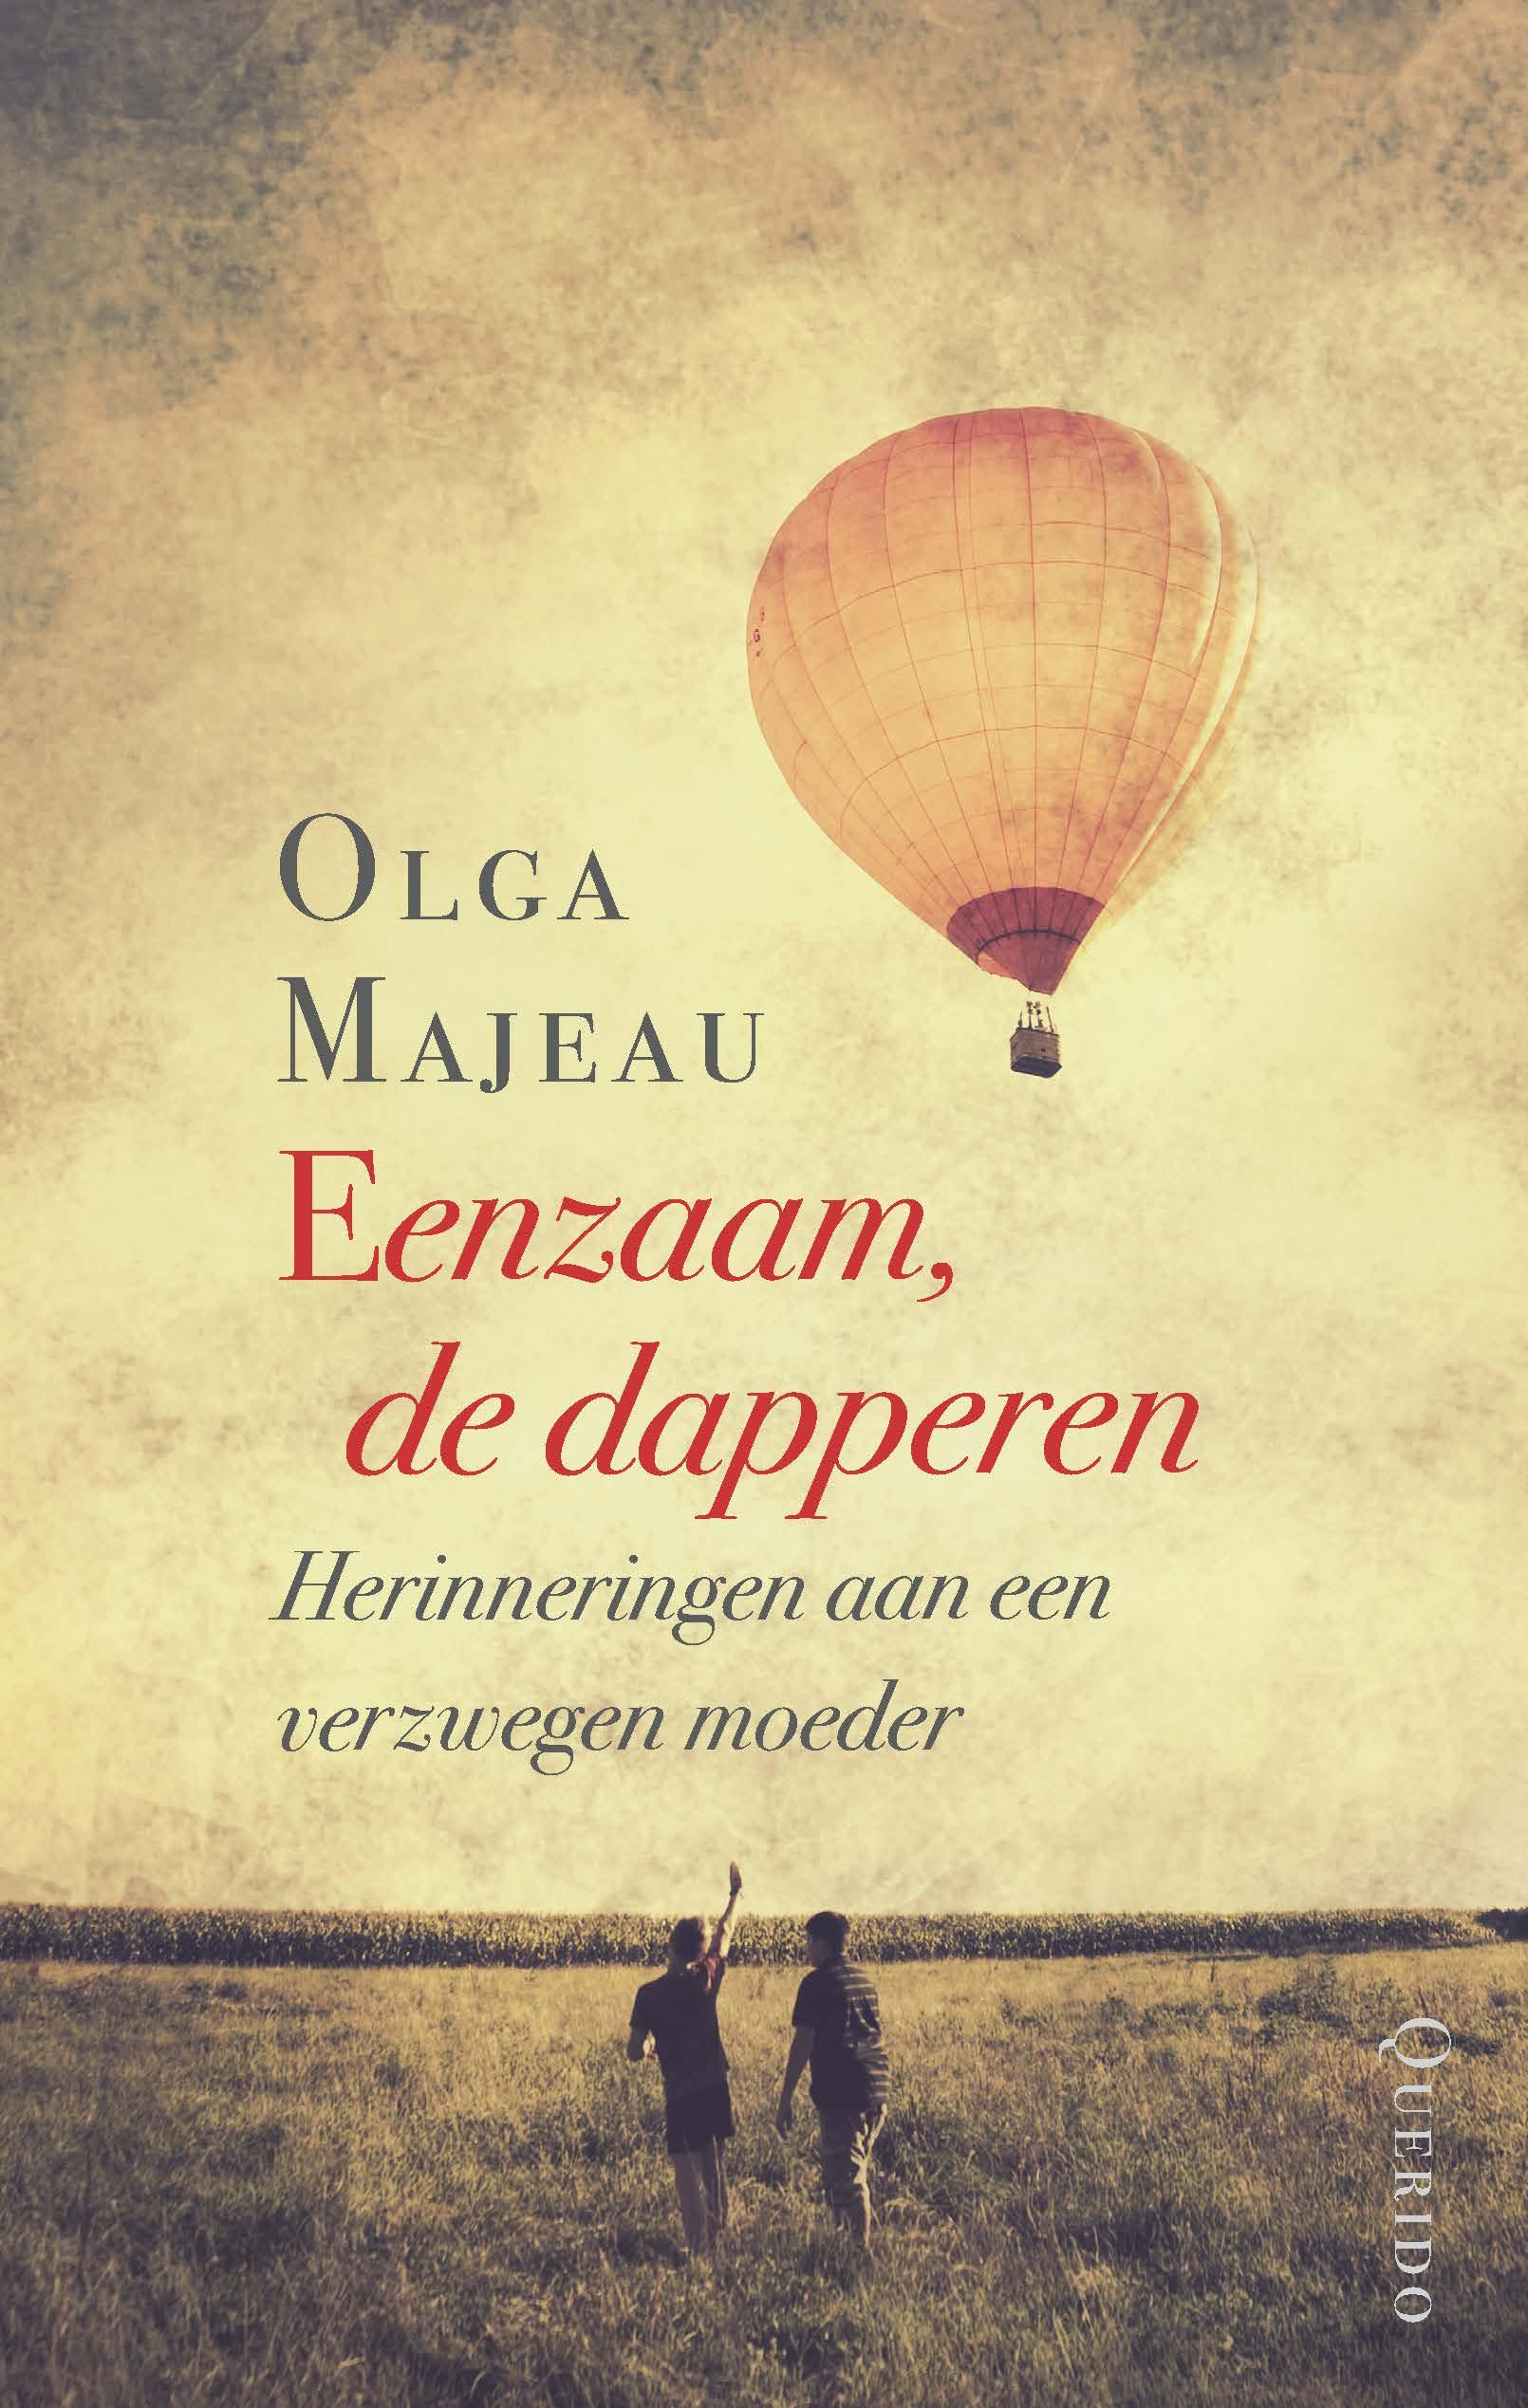 Eenzaam, de dapperen - boekenflits.nl